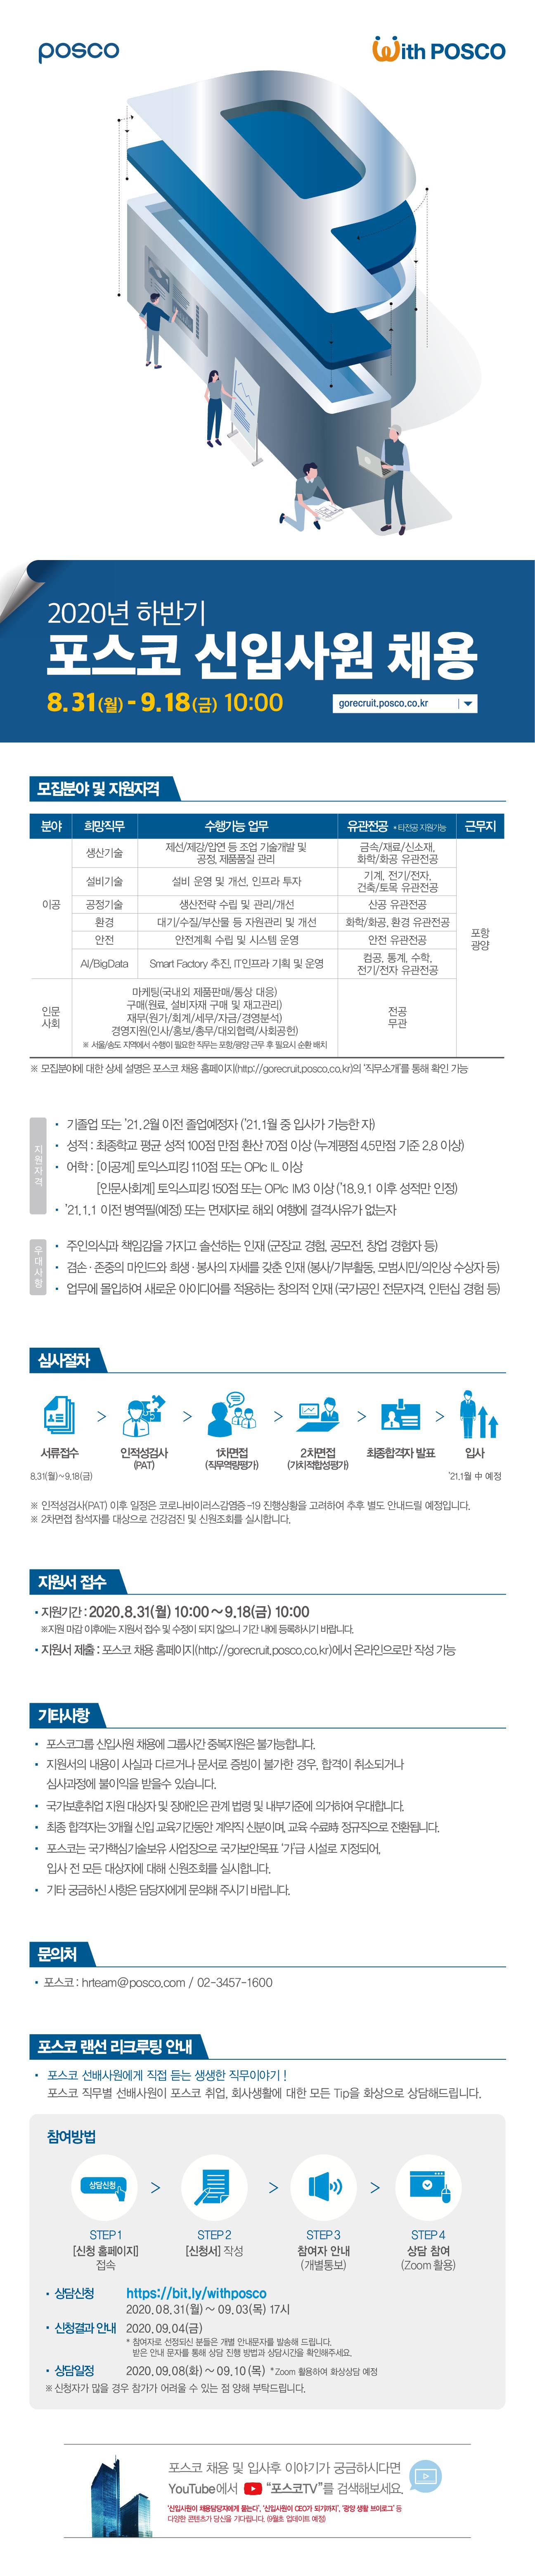 [6차] 2020년 하반기 포스코 신입사원 채용_웹플라이어-01.jpg